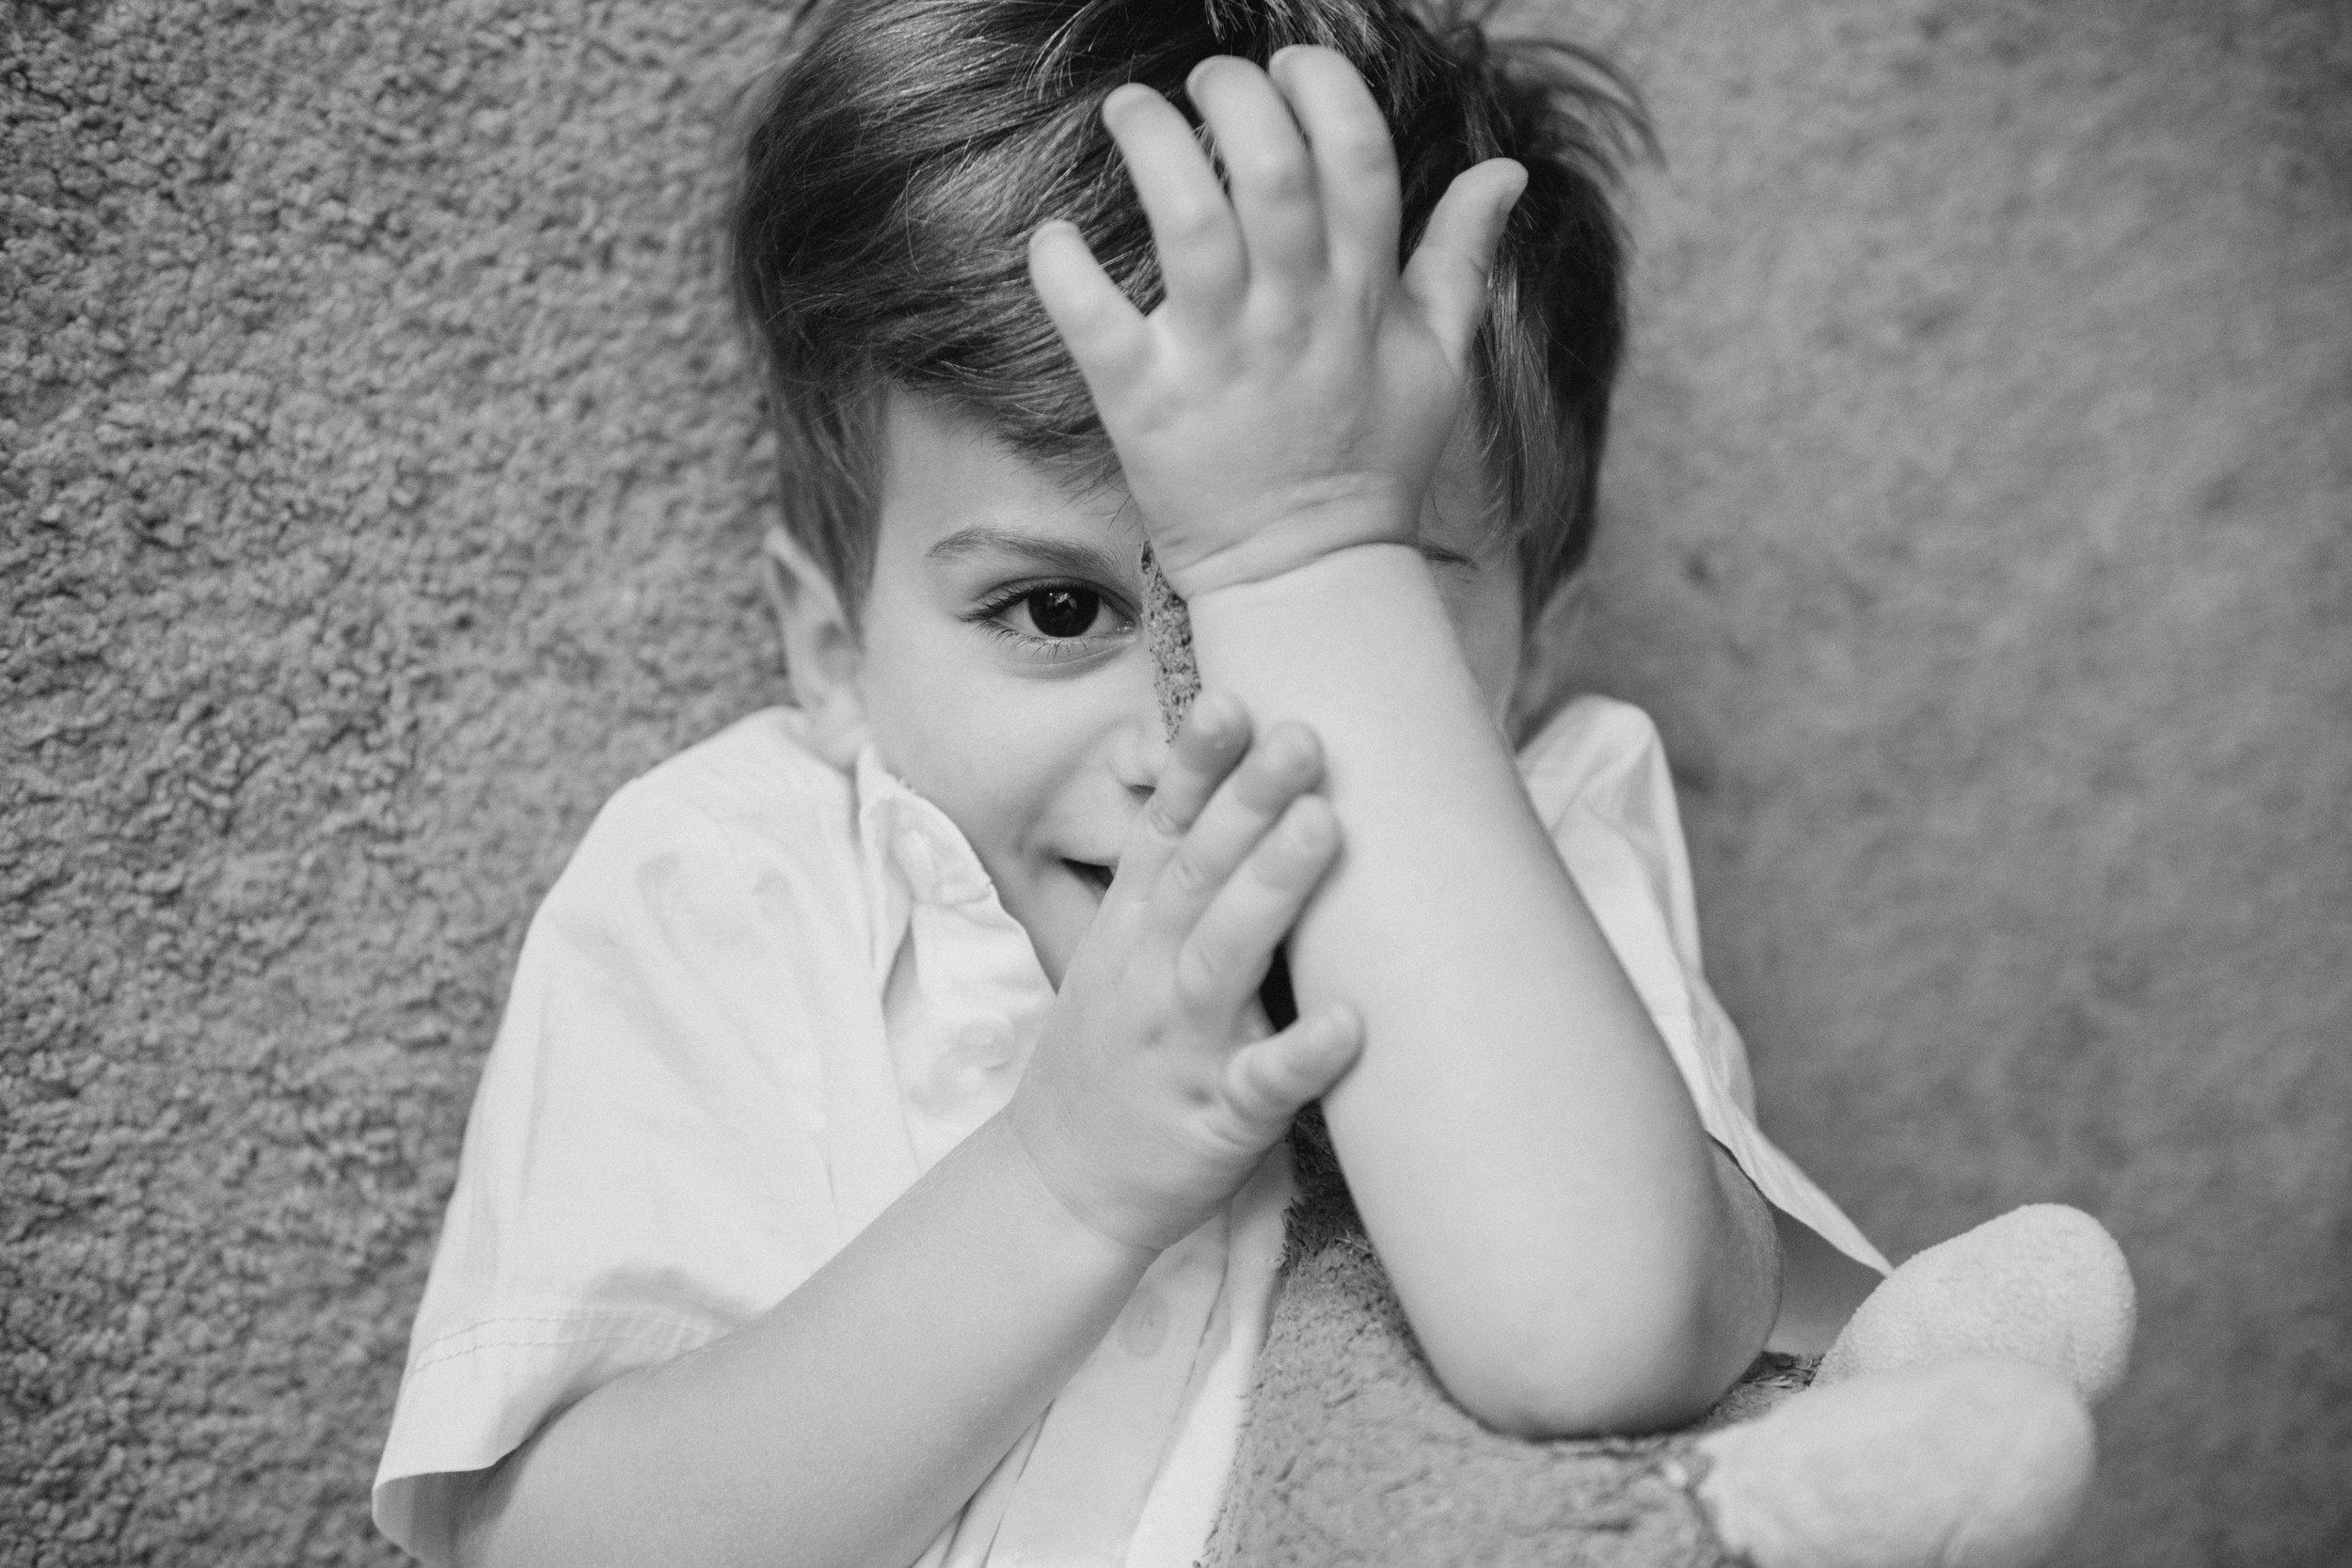 066_Baby-Rita.jpg